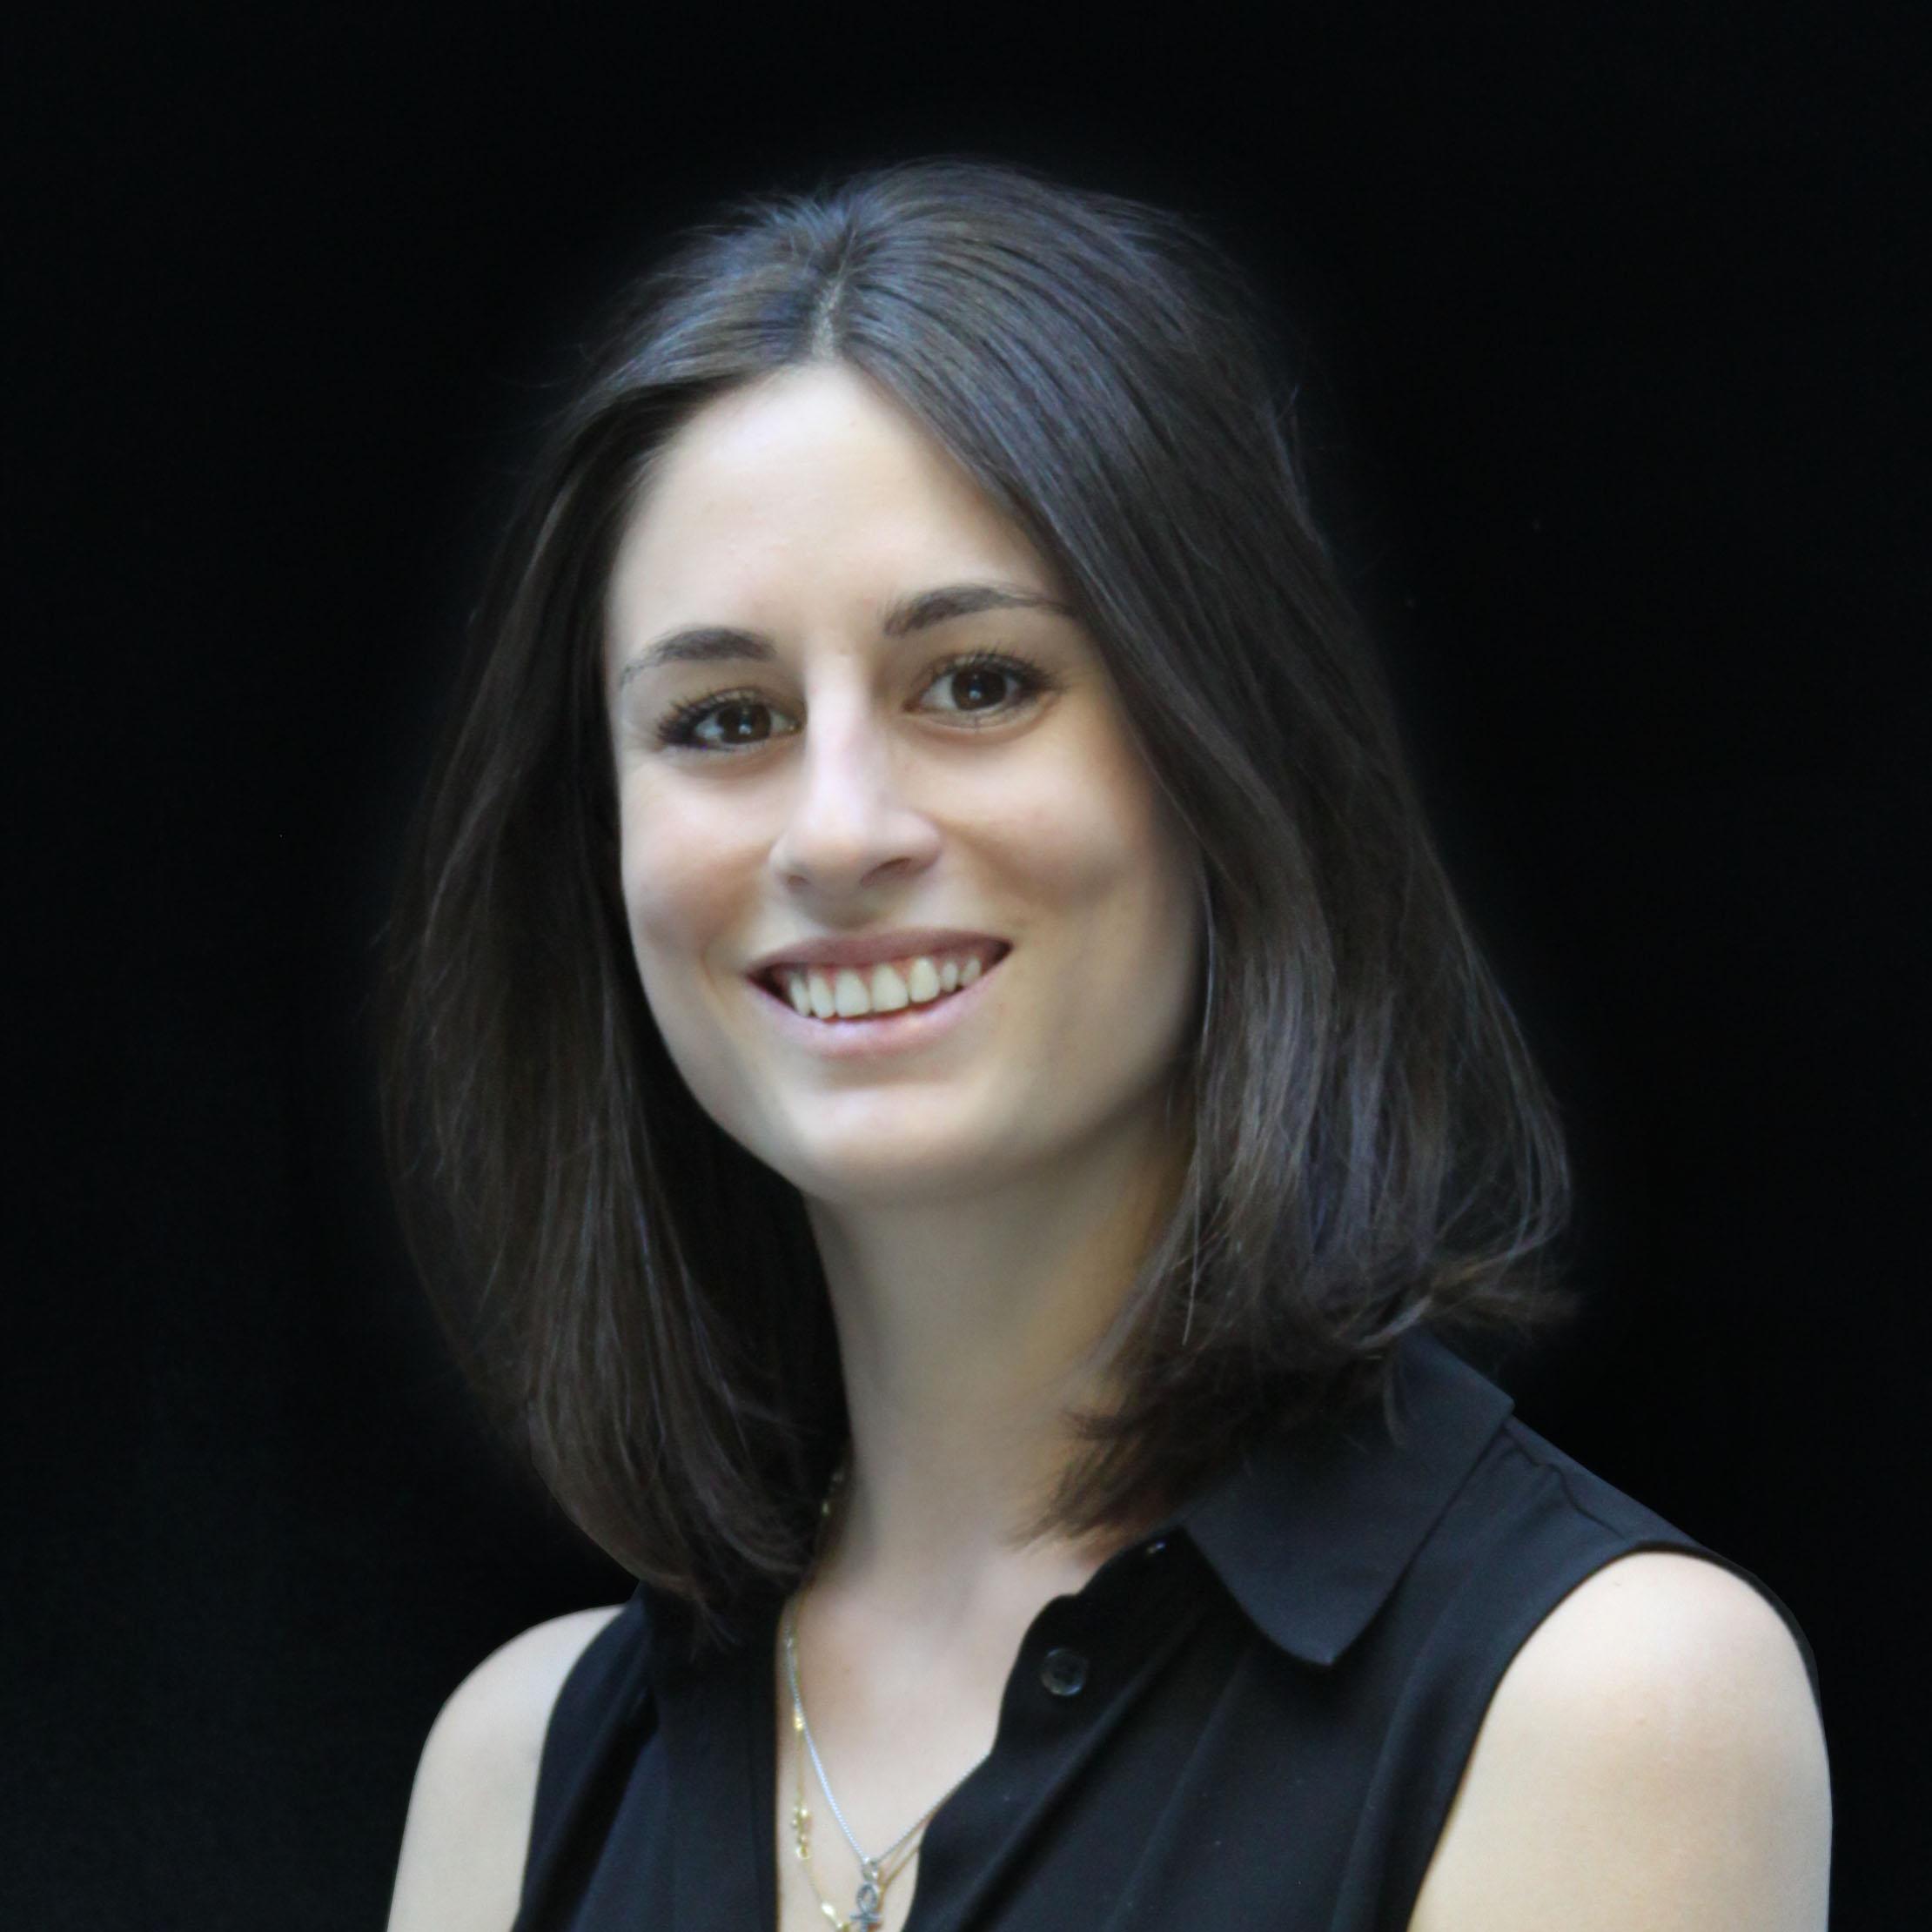 Giorgia De Marchi